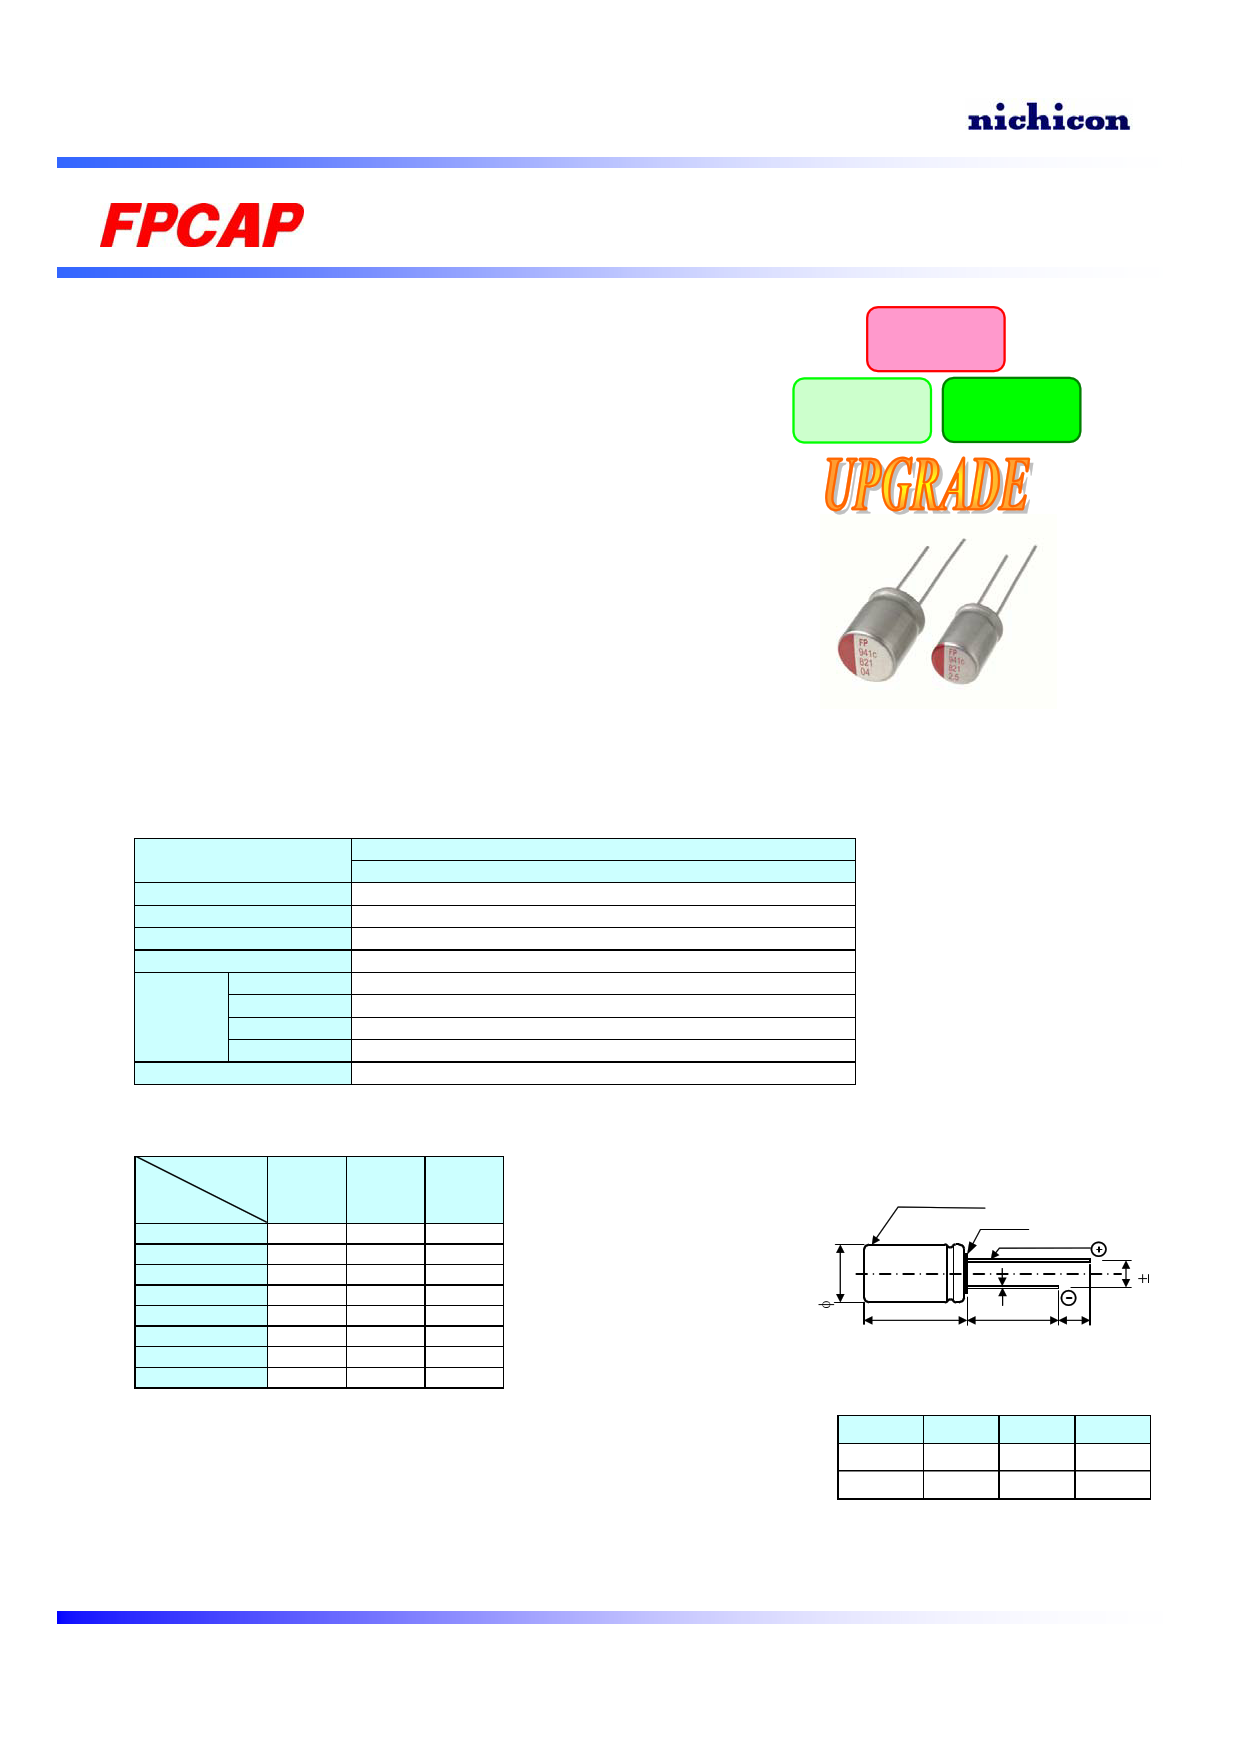 RR50J821MDN1PX 데이터시트 및 RR50J821MDN1PX PDF